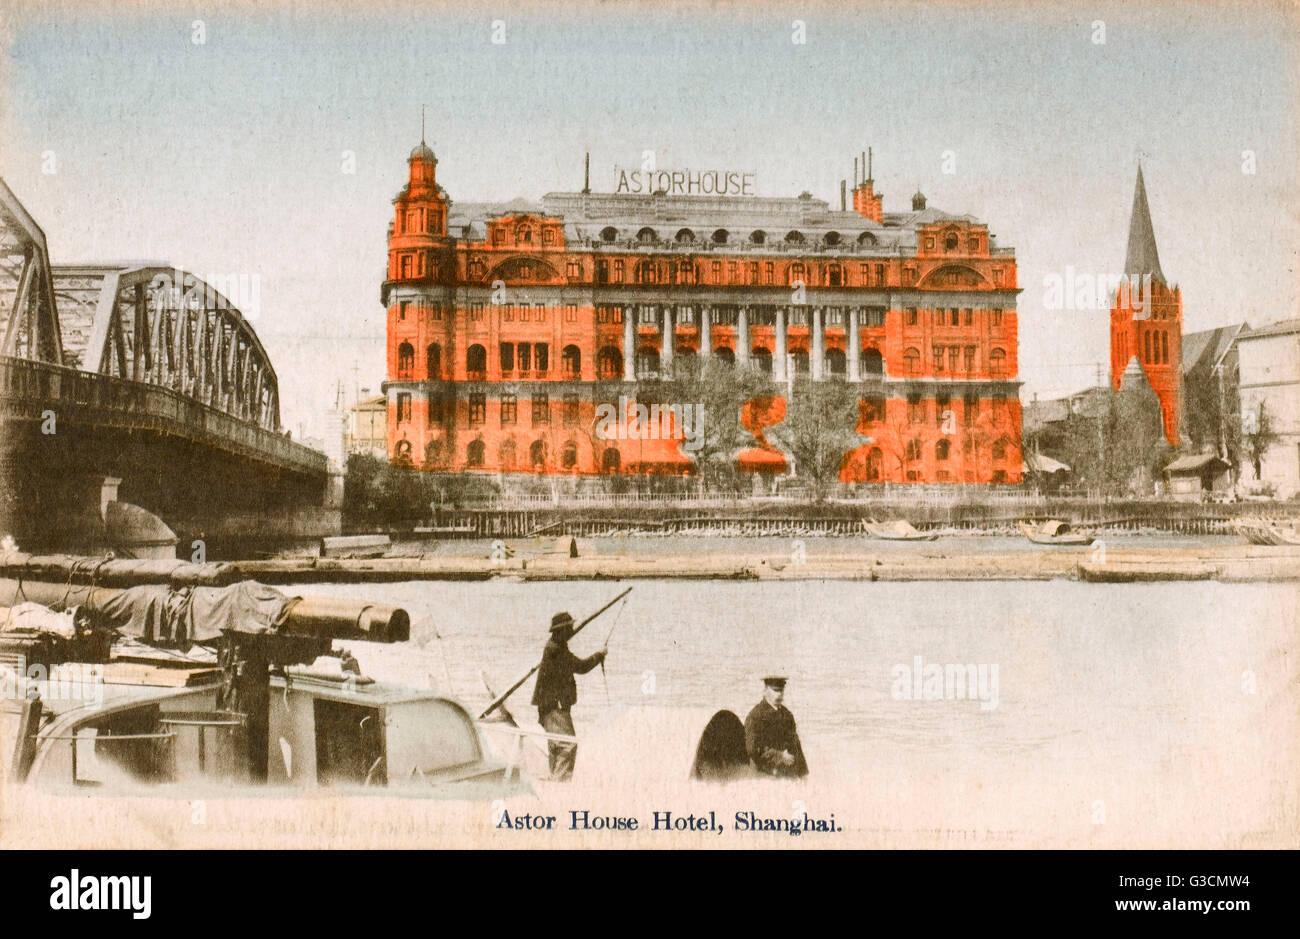 Chine - Shanghai - Astor House Hotel, le jardin (pont Waibaidu) (sur la rivière Suzhou) et l'Église allemande Date: Banque D'Images